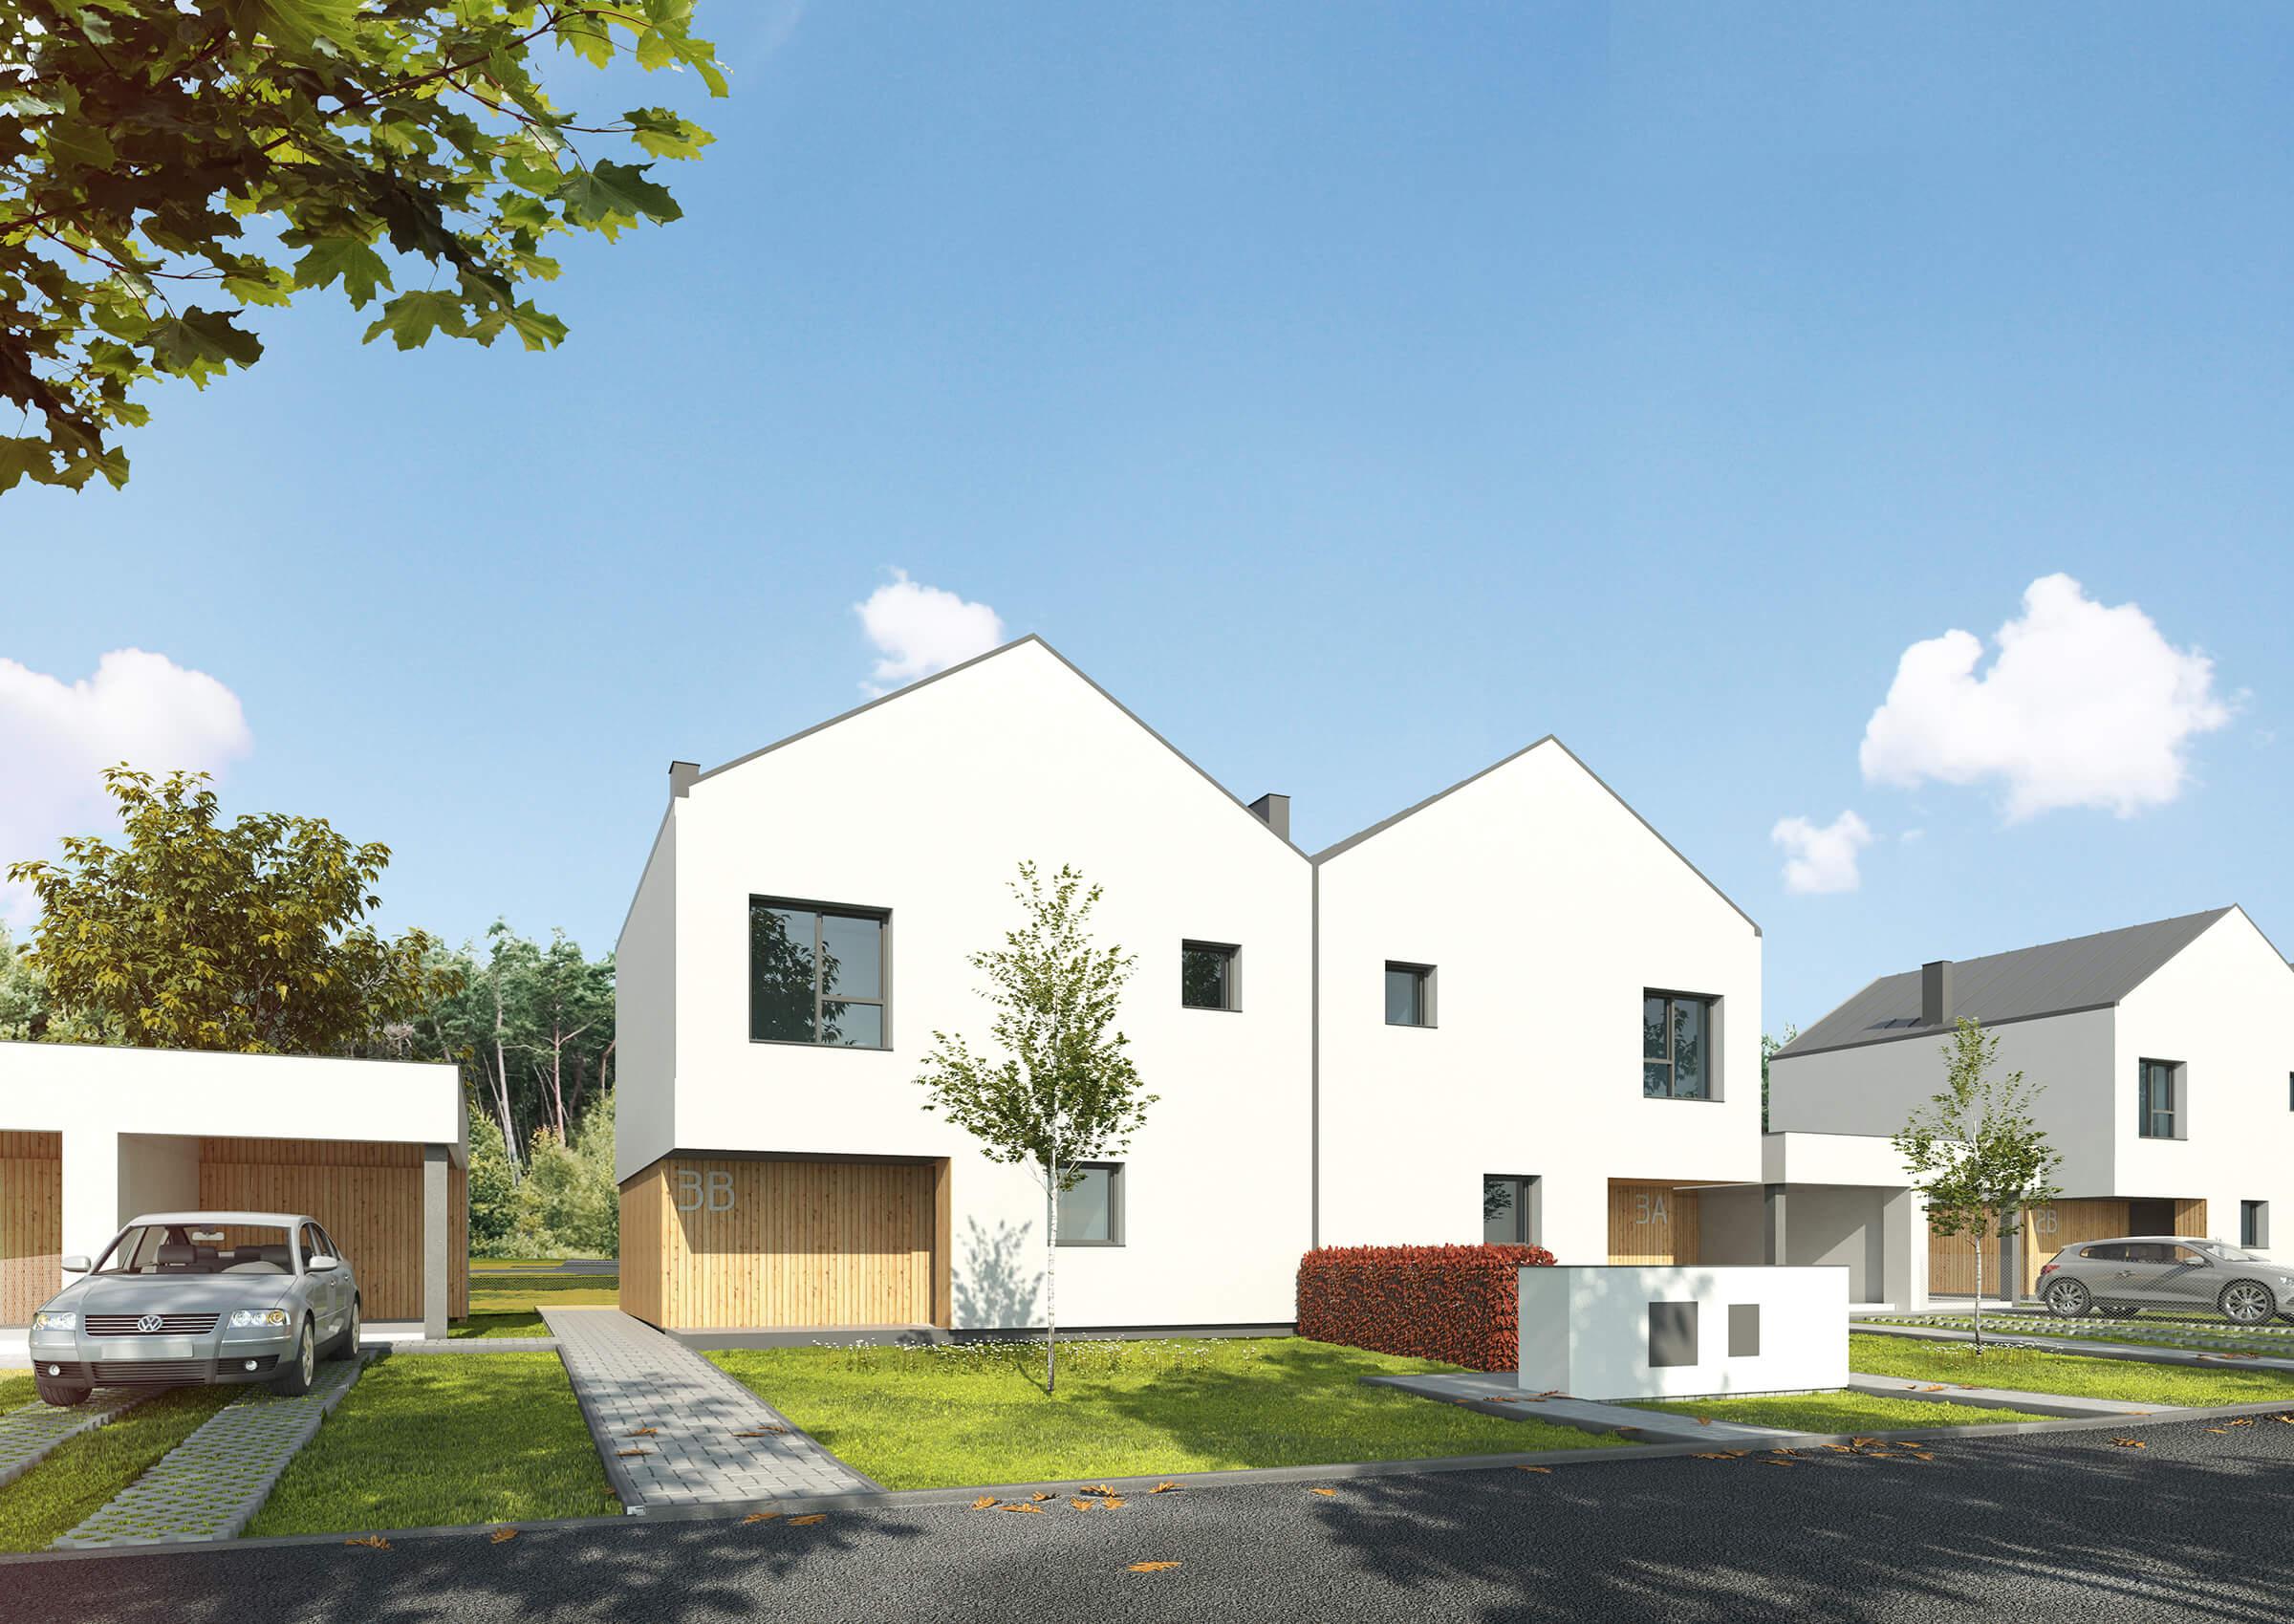 Semi-detached houses, Daszewice, PL